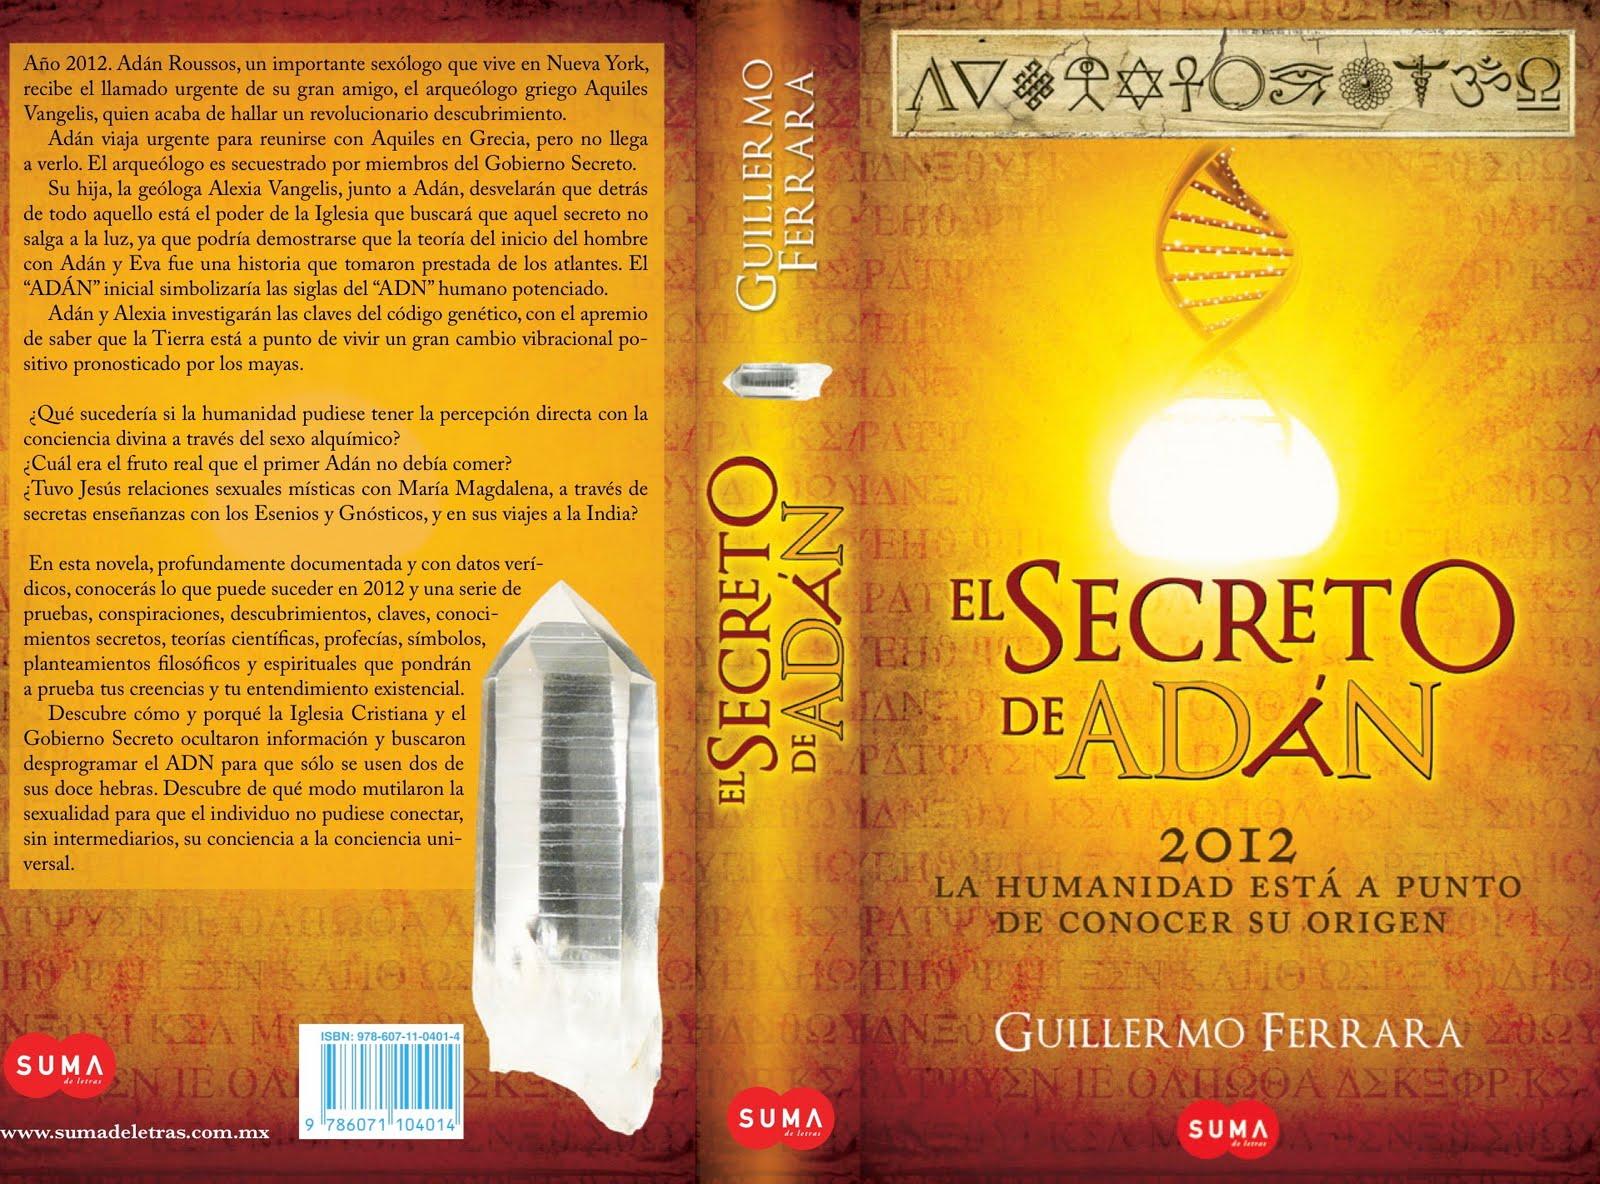 Libro: El secreto de ADaN. Descargar libro digital